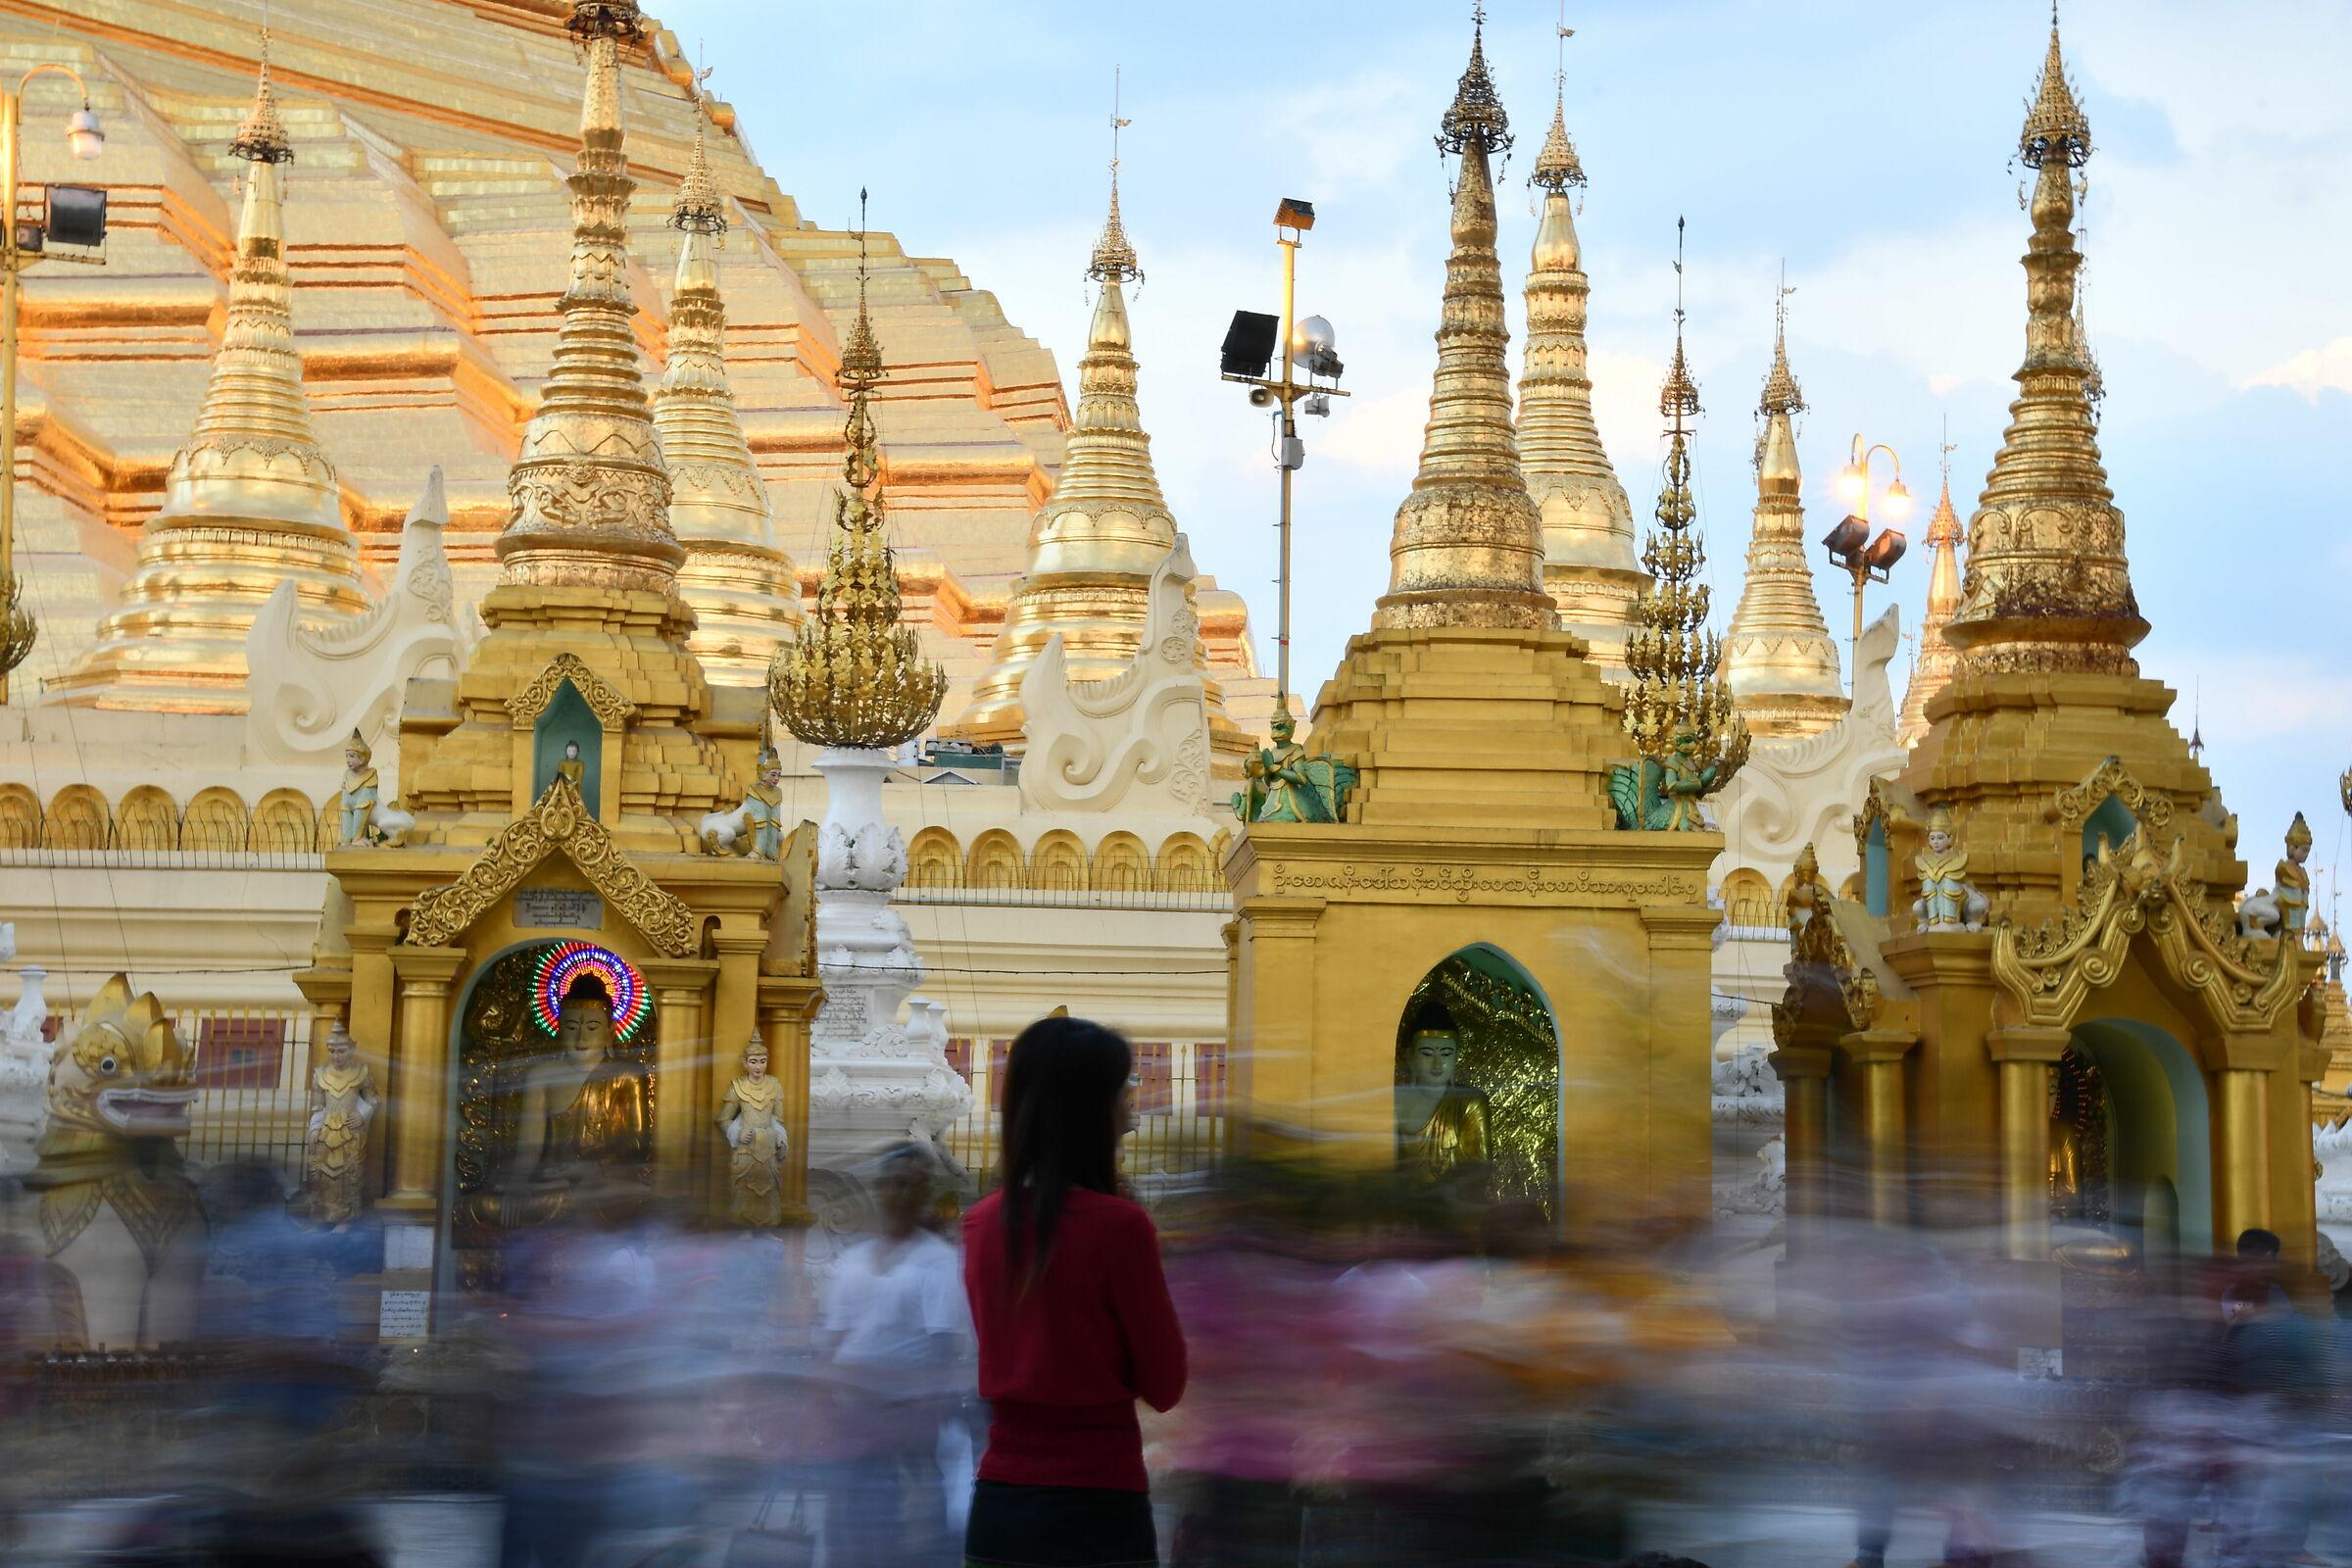 Waiting for sunset at The Shwedagon Pagoda...